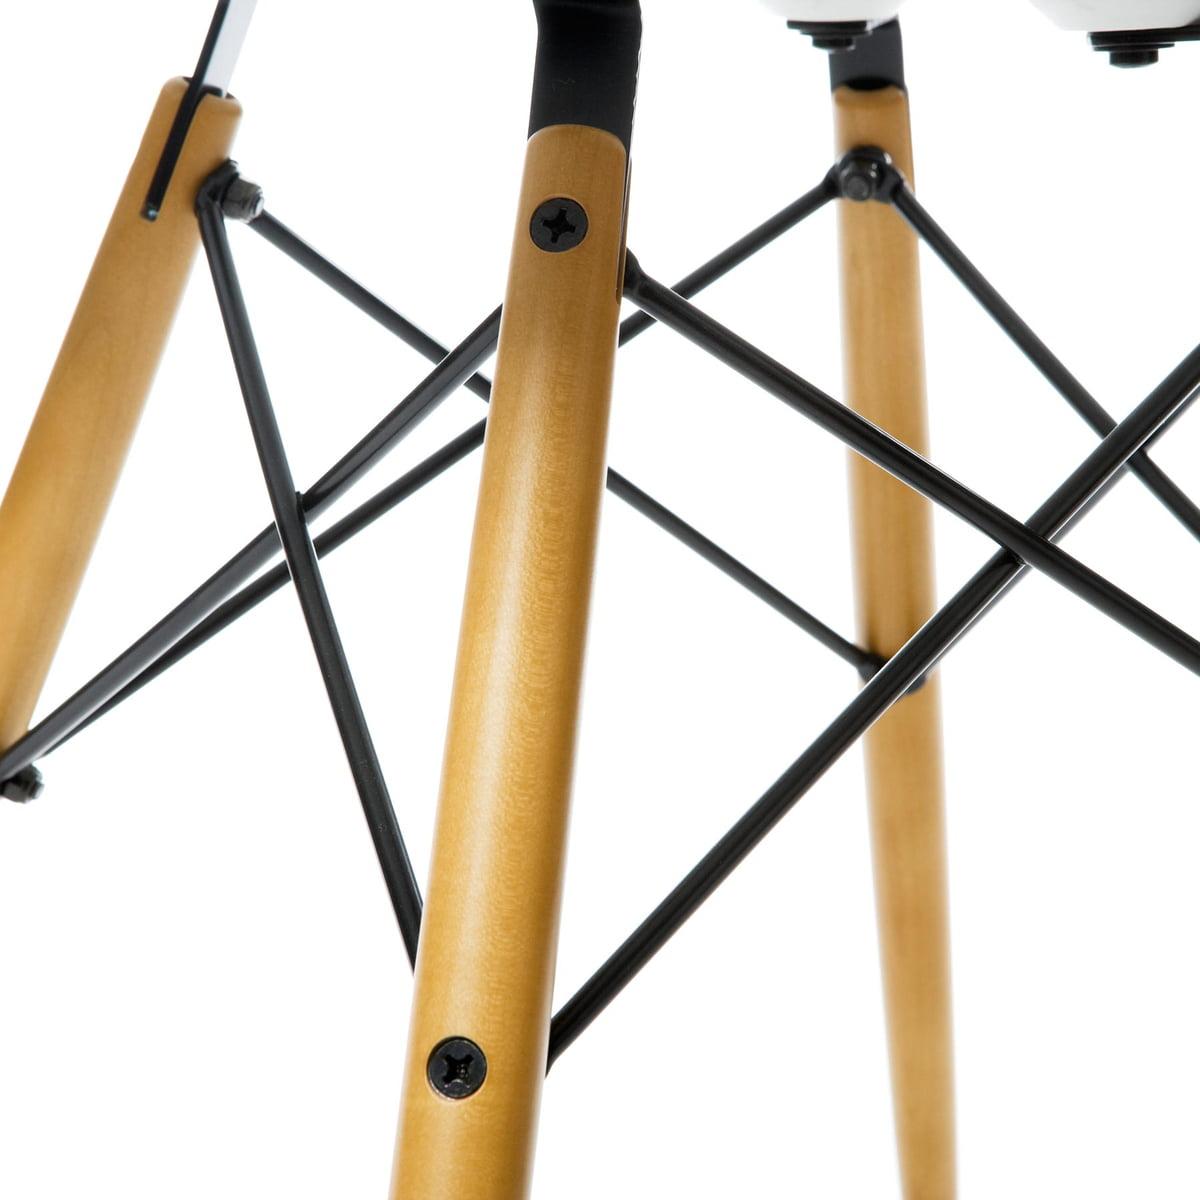 Eames Plastic Side Chair Dsw Stuhl eames plastic side chair dsw connox shop